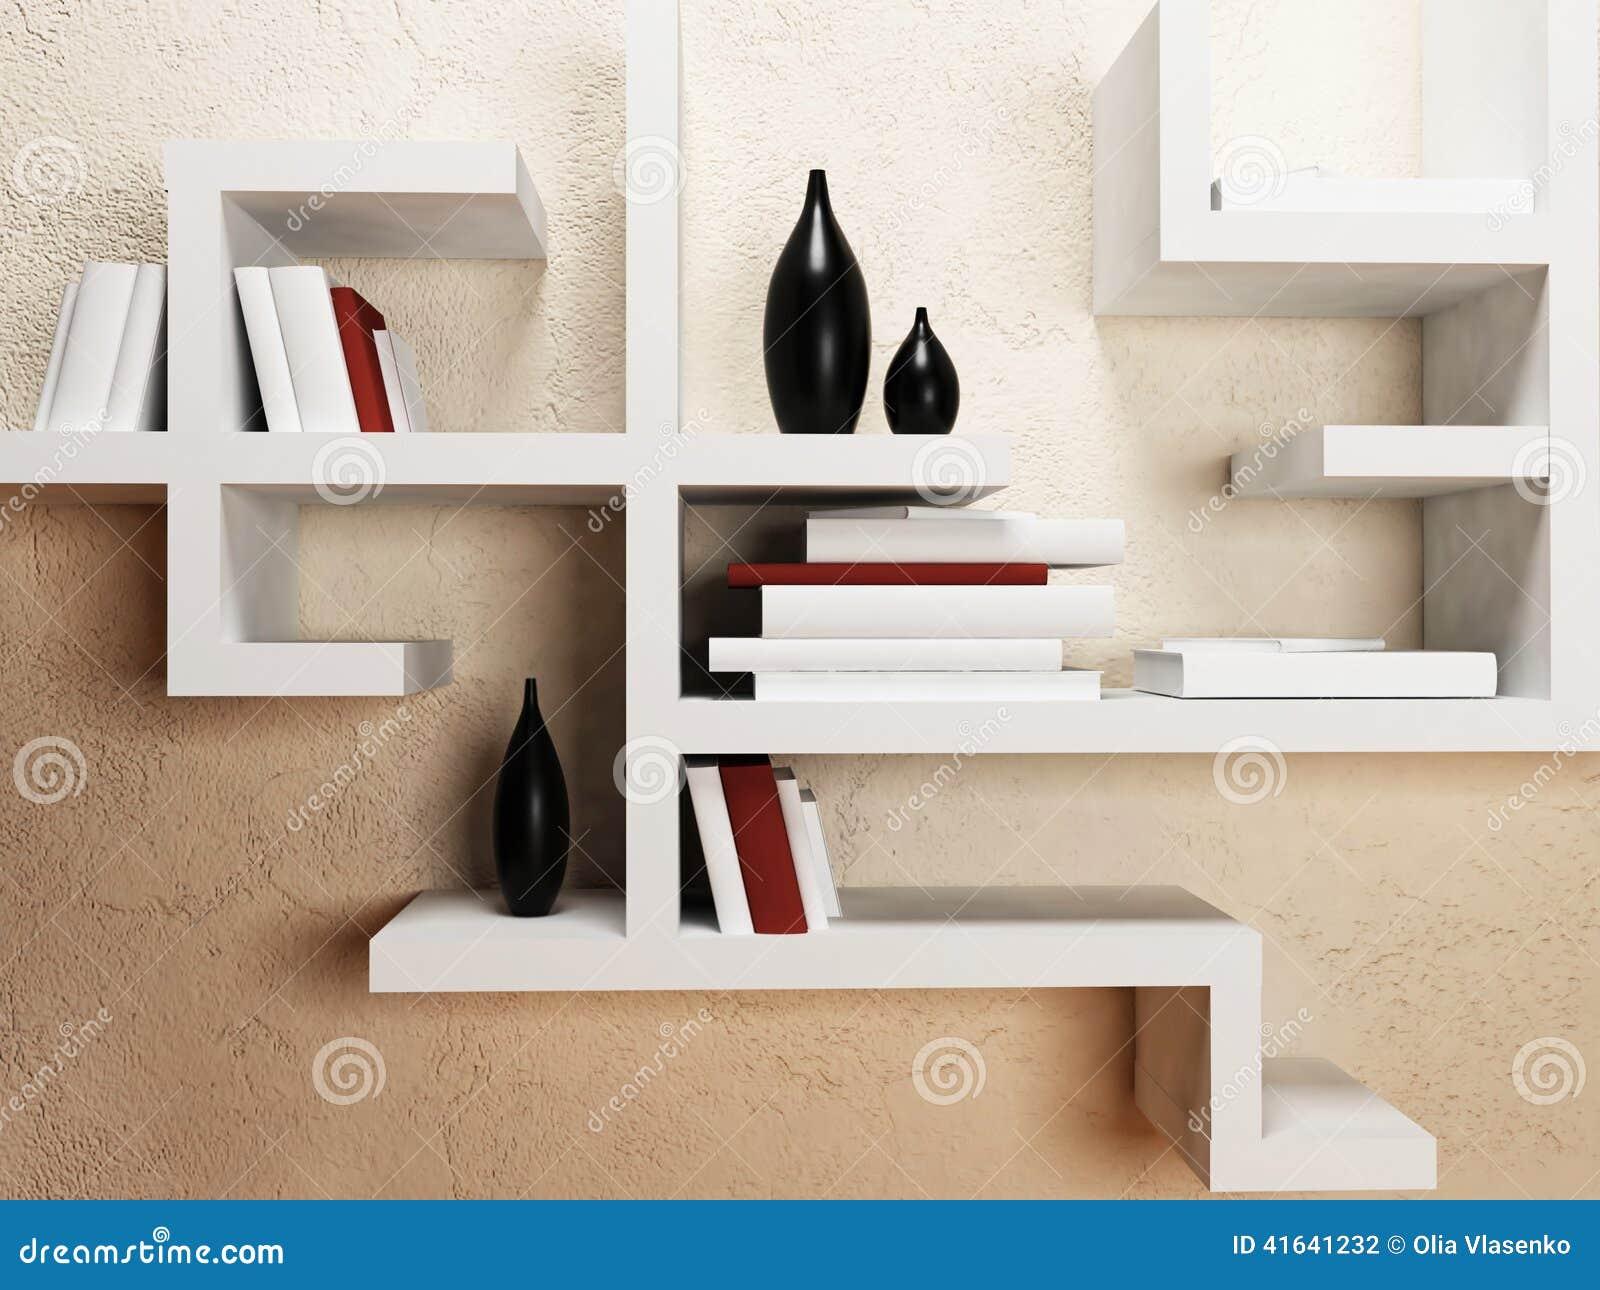 Scaffali creativi sulla parete illustrazione di stock - Scaffali a parete ...